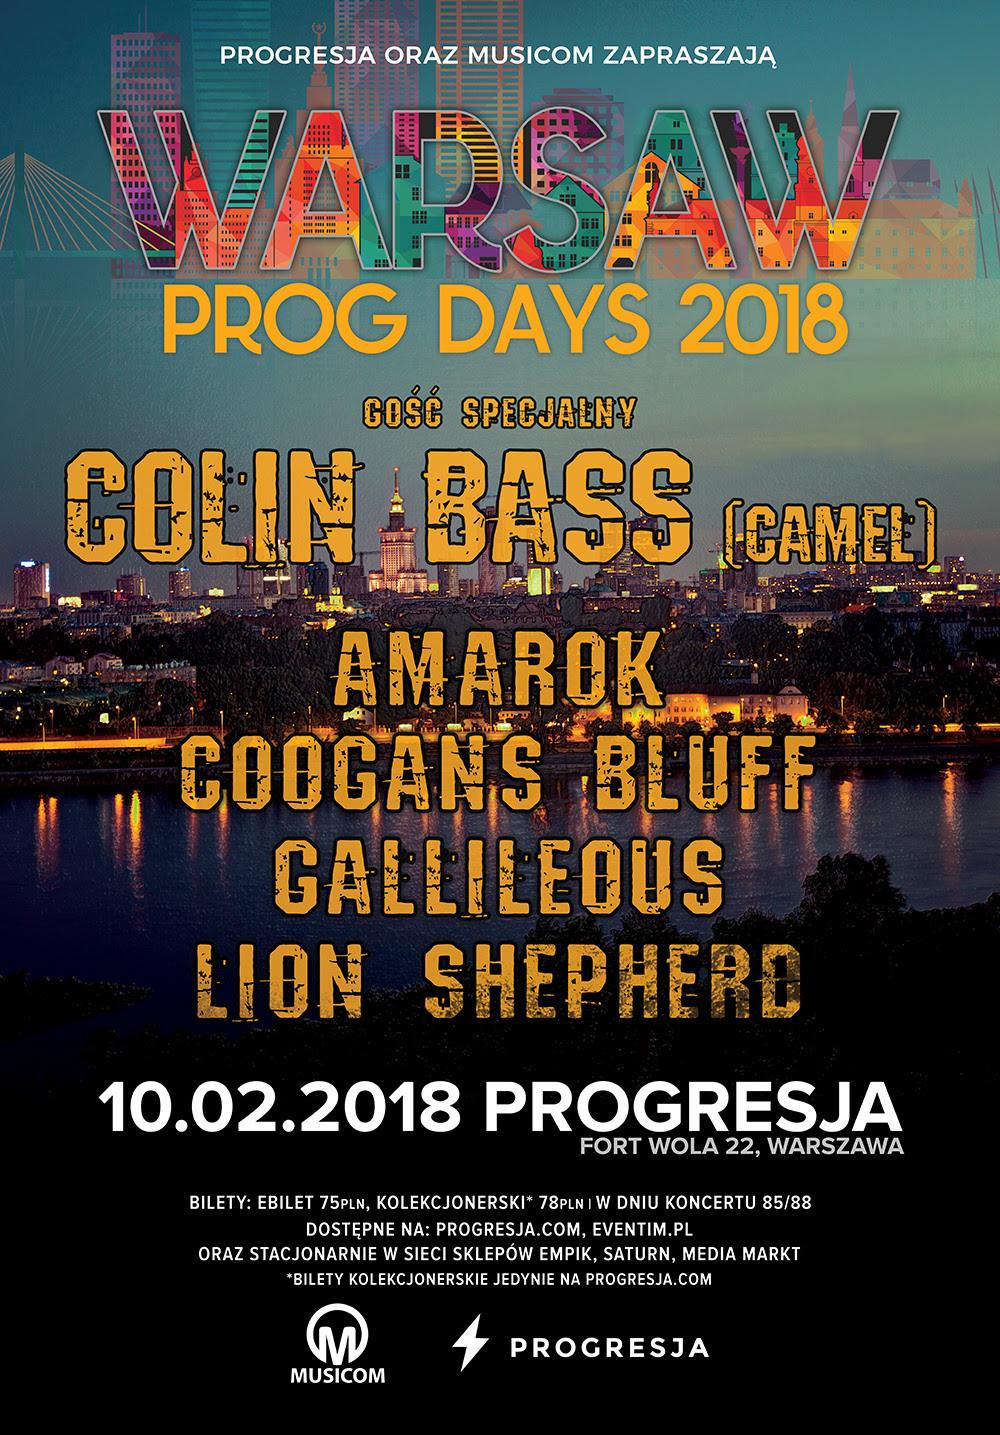 Warsaw Prog Days 2018 (źródło: materiały prasowe organizatora)